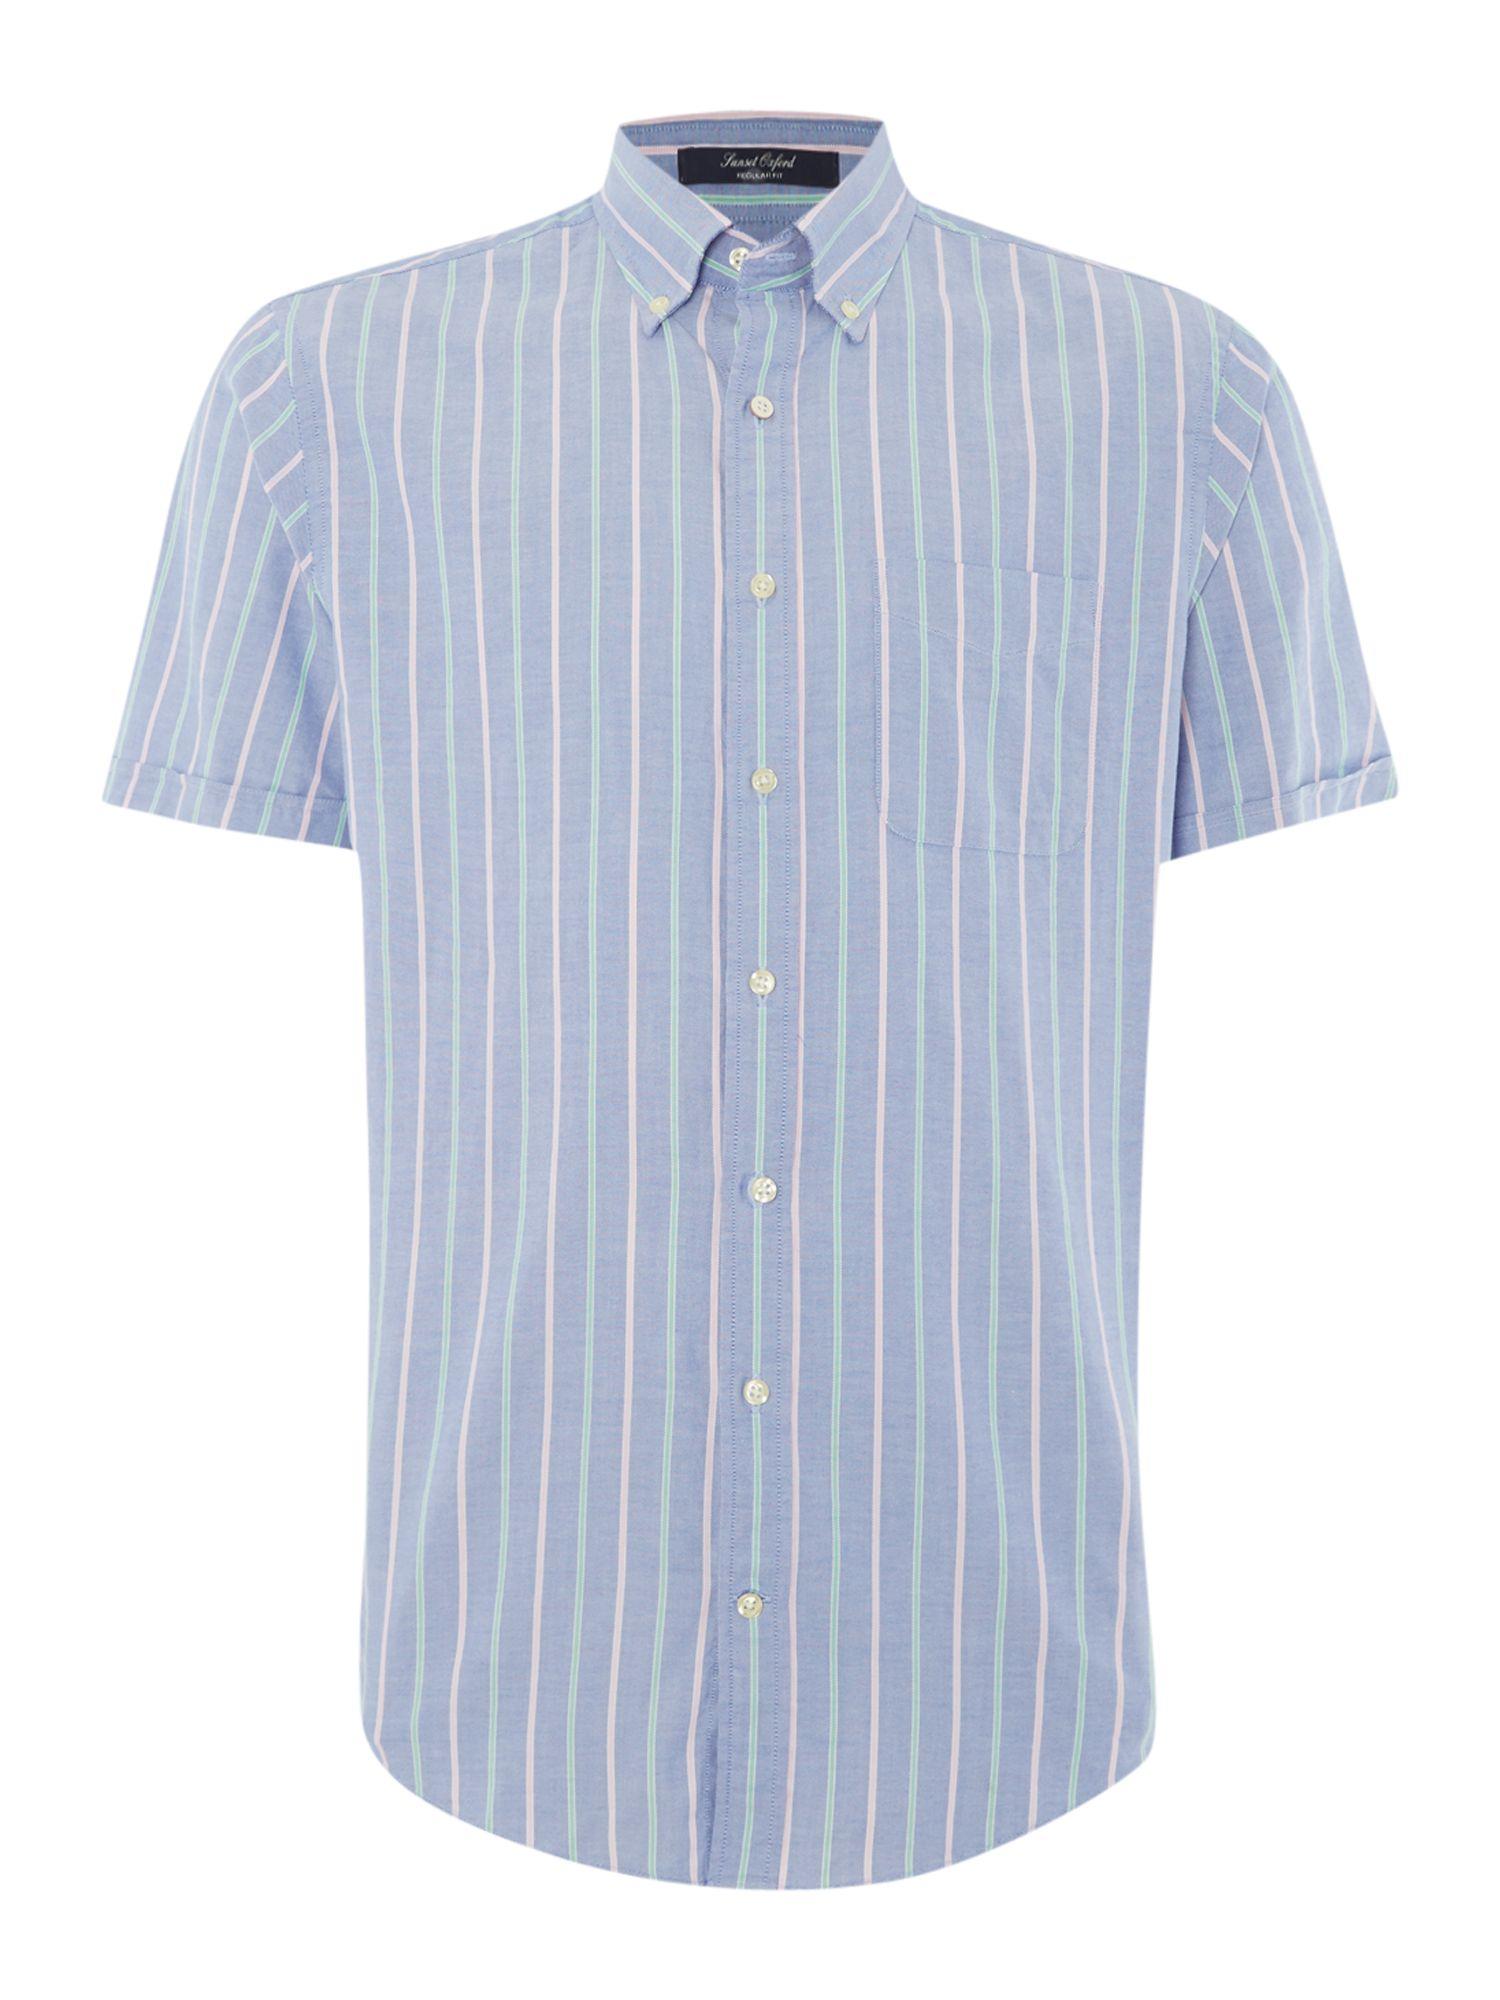 Gant Oxford Stripe Short Sleeve Shirt In Blue For Men Lyst